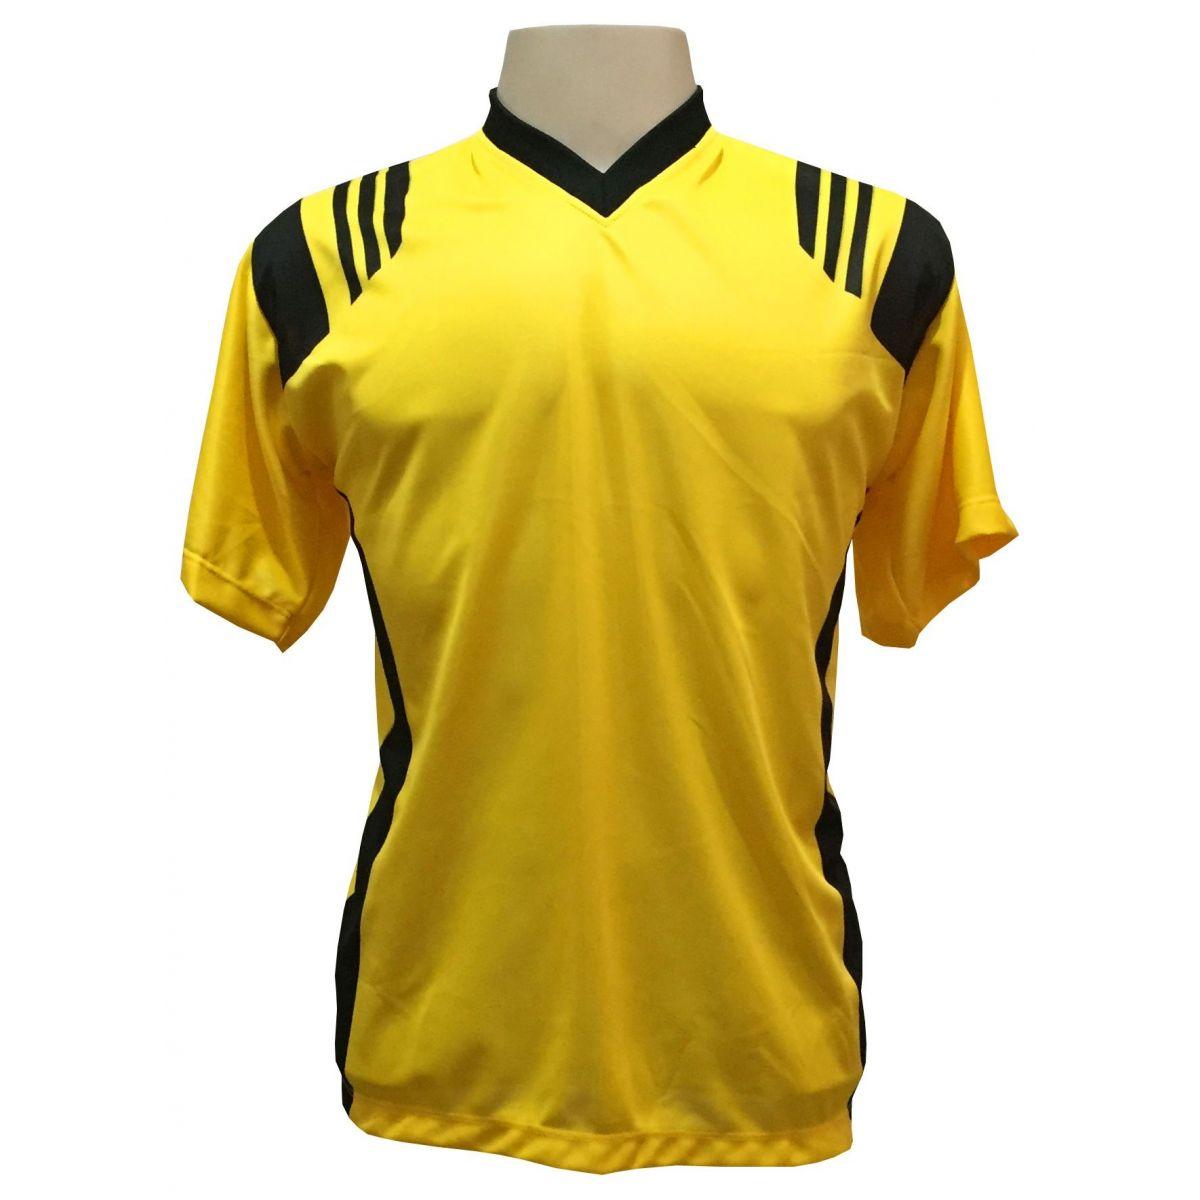 Jogo de Camisa com 18 unidades modelo Roma Amarelo/Preto + 1 Goleiro + Brindes